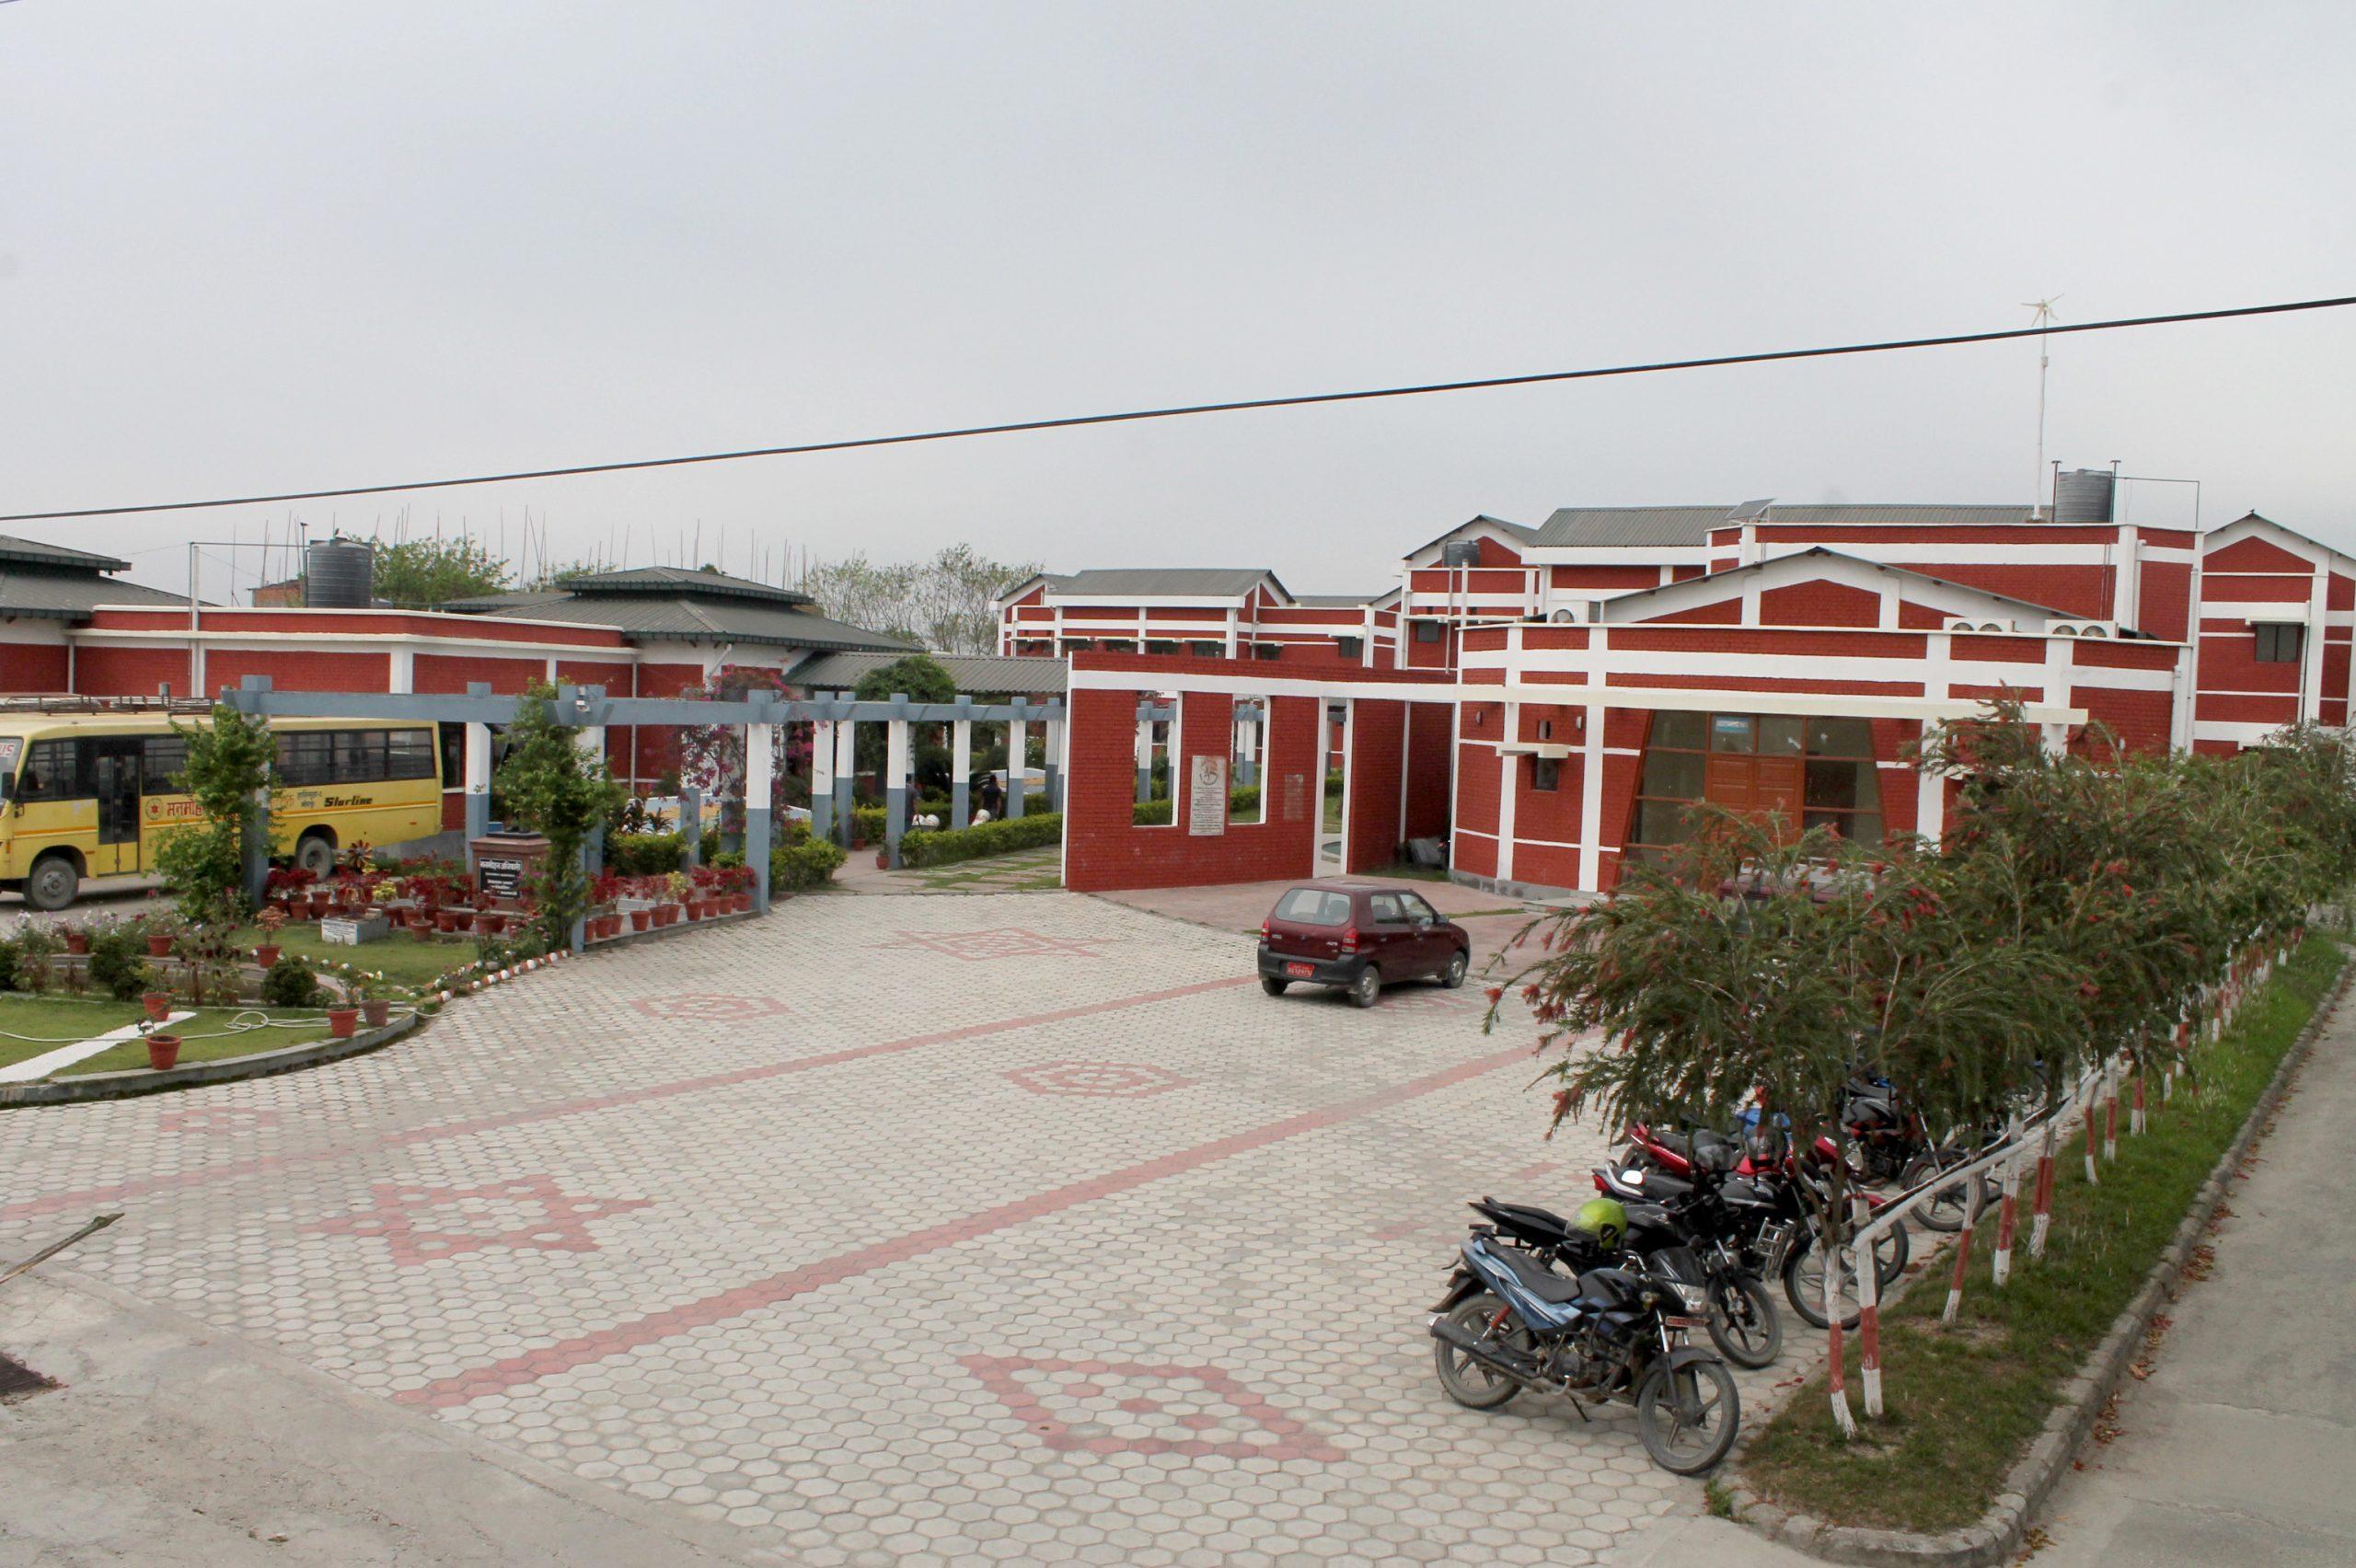 मनमोहन प्राविधिक विश्वविद्यालय र राष्ट्रिय अनुसन्धान परिषद्बीच सम्झौता